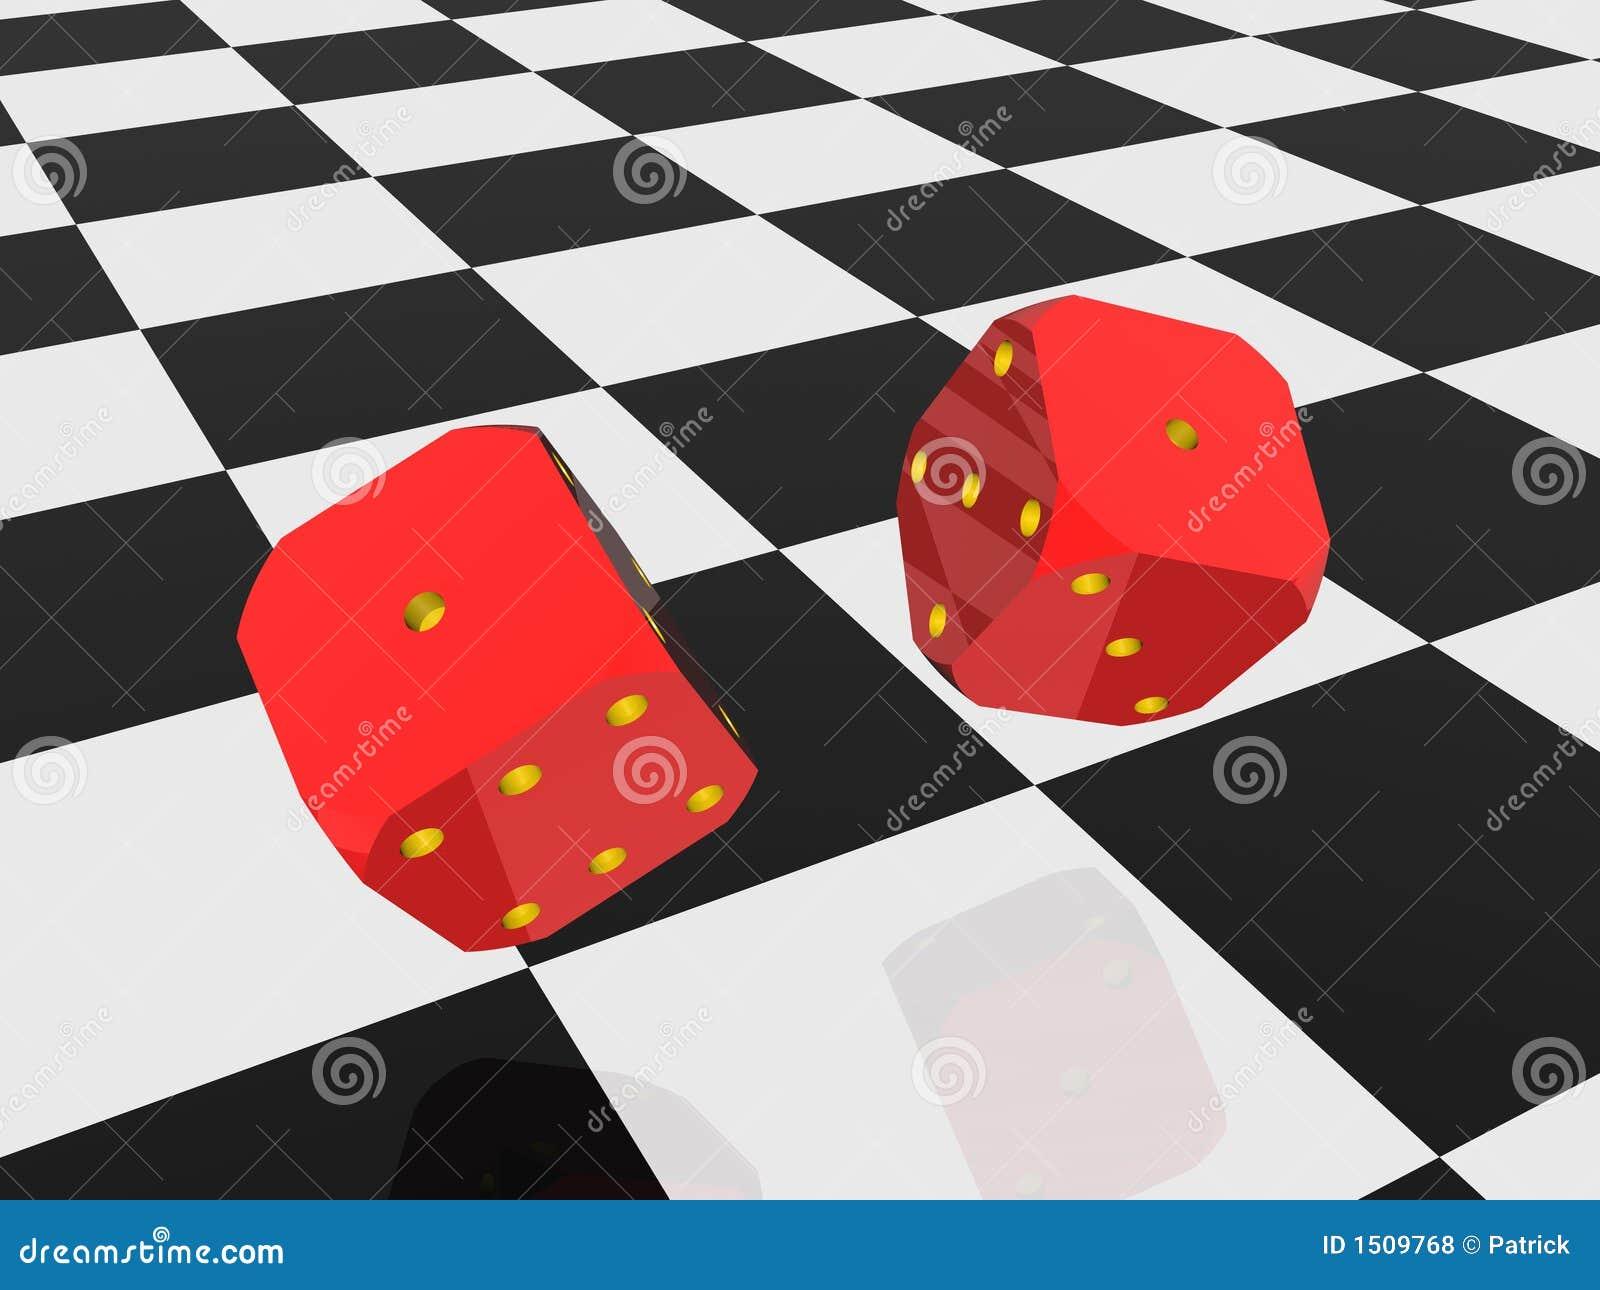 random 2 dice roller